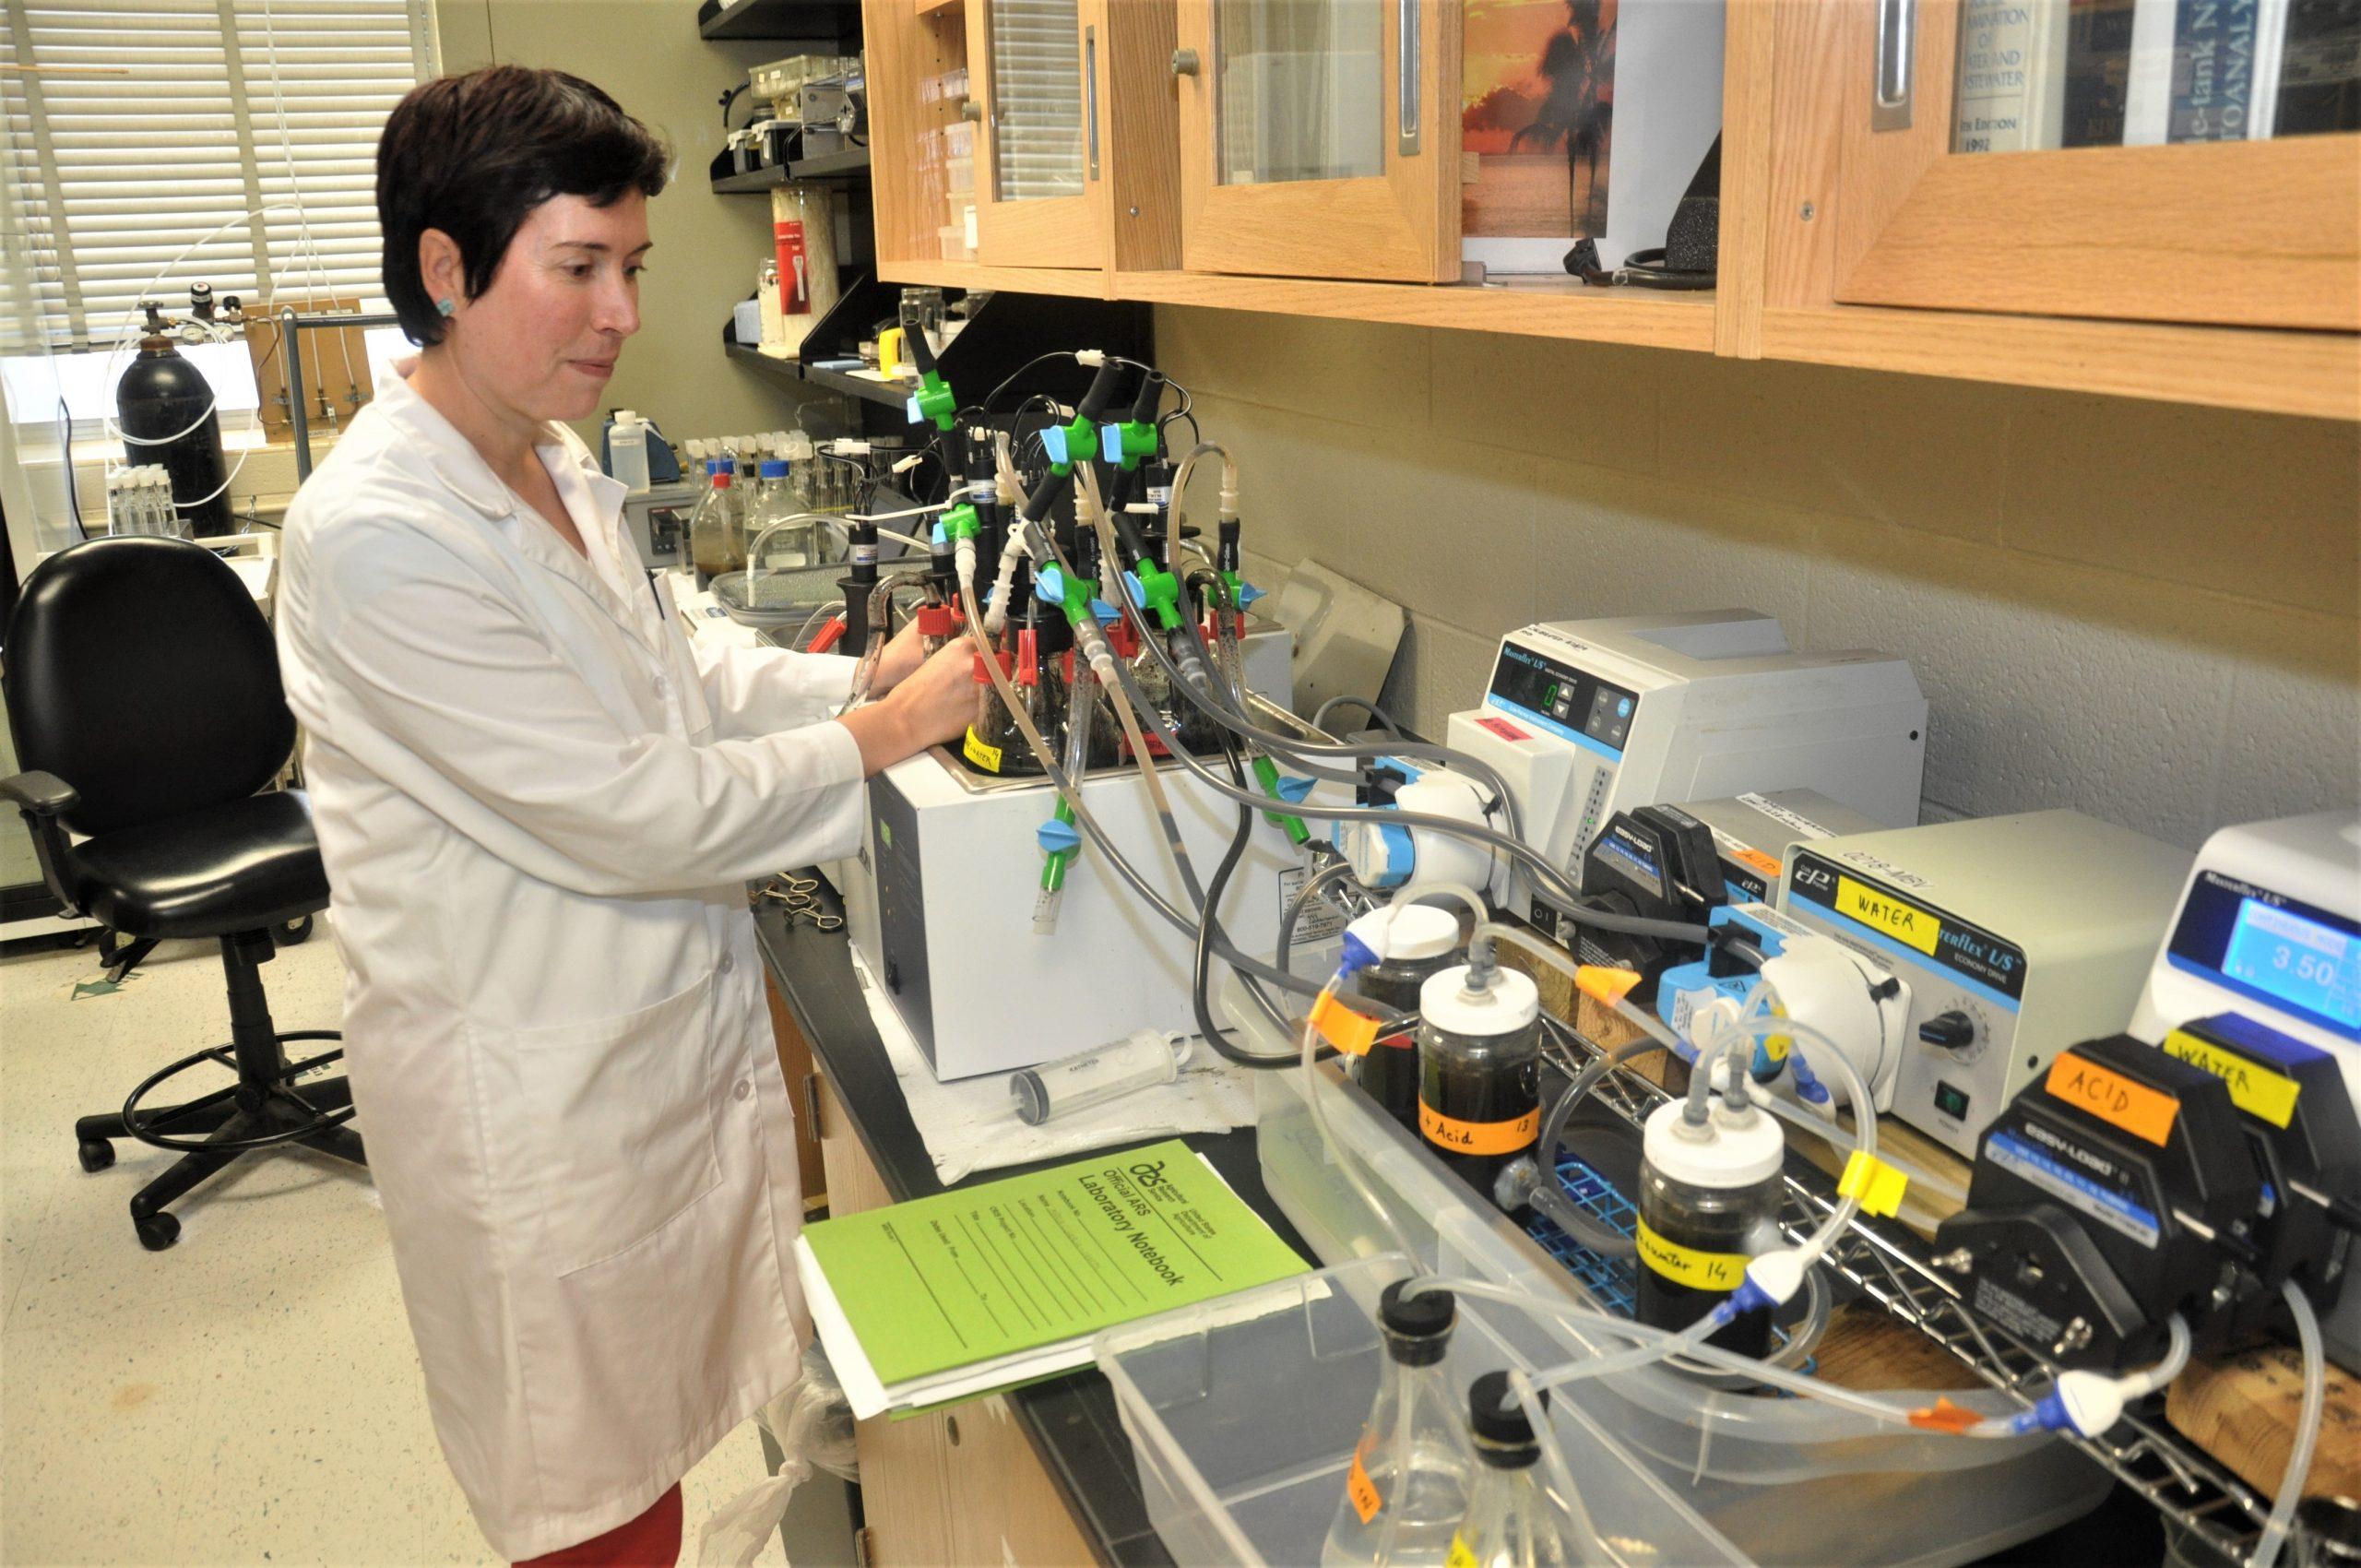 La berciana Mari Cruz García premiada en EEUU por su trabajo de recuperación de nitrógeno 1